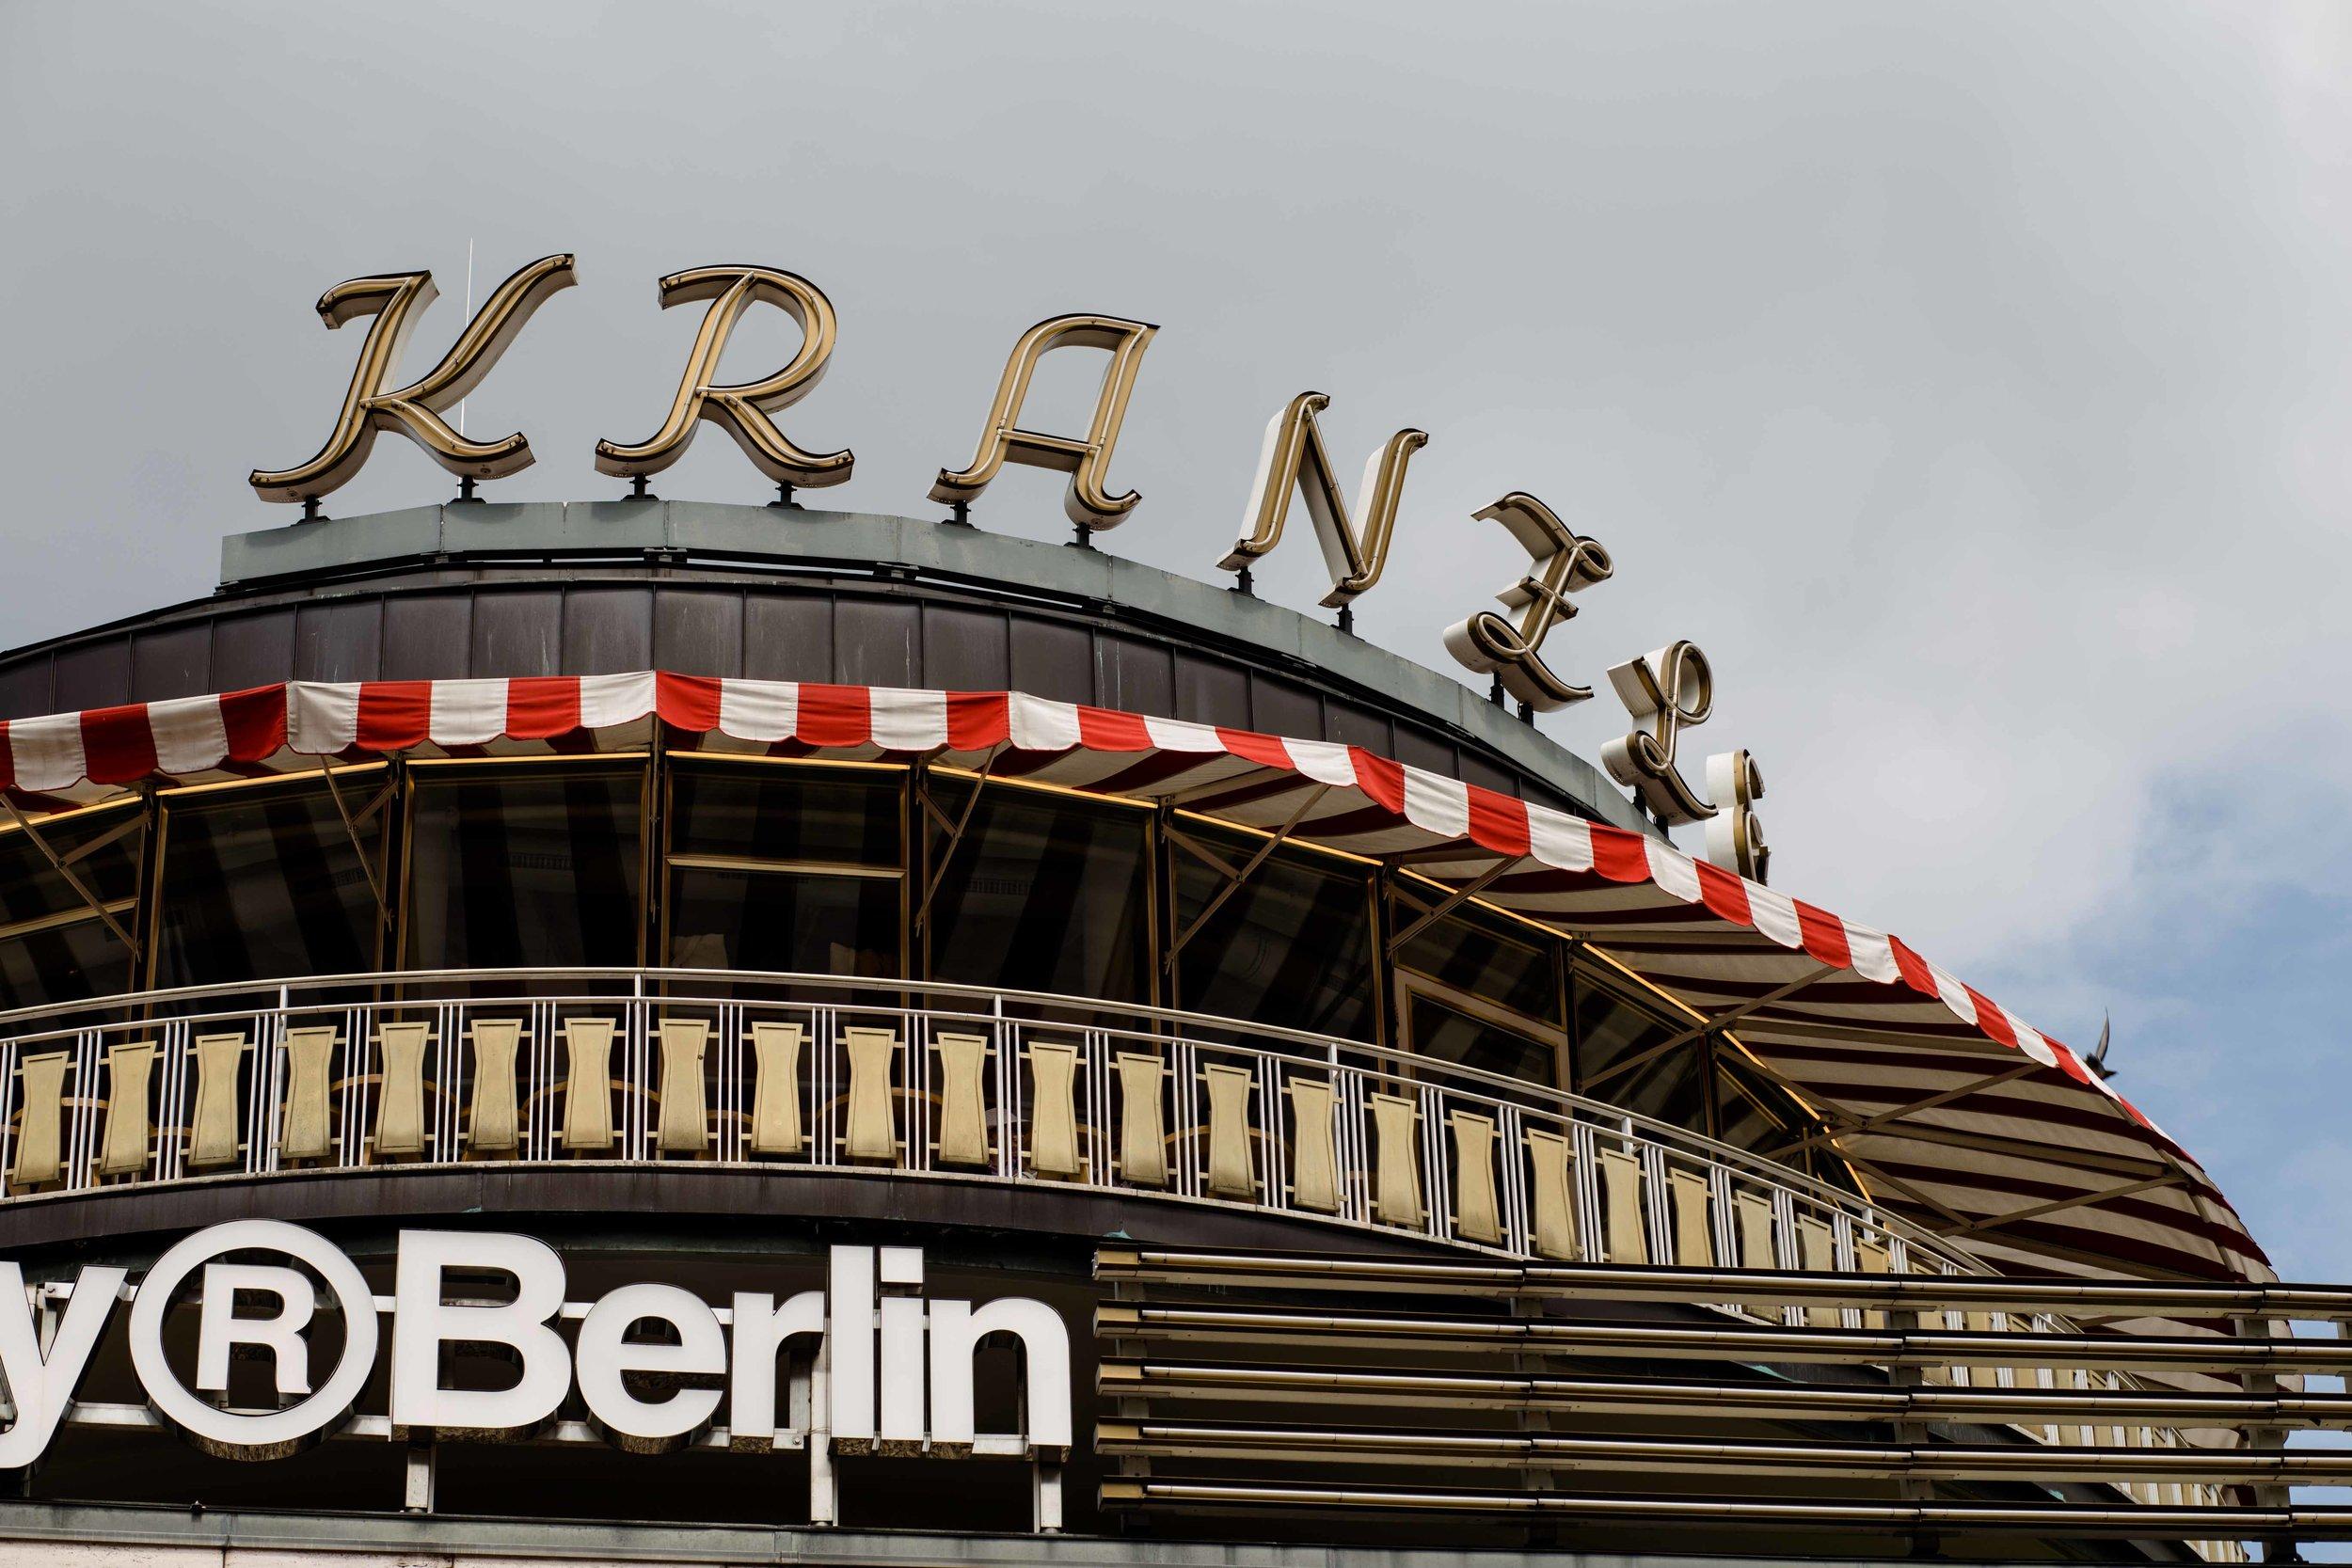 kranzler cafe the barn berlin